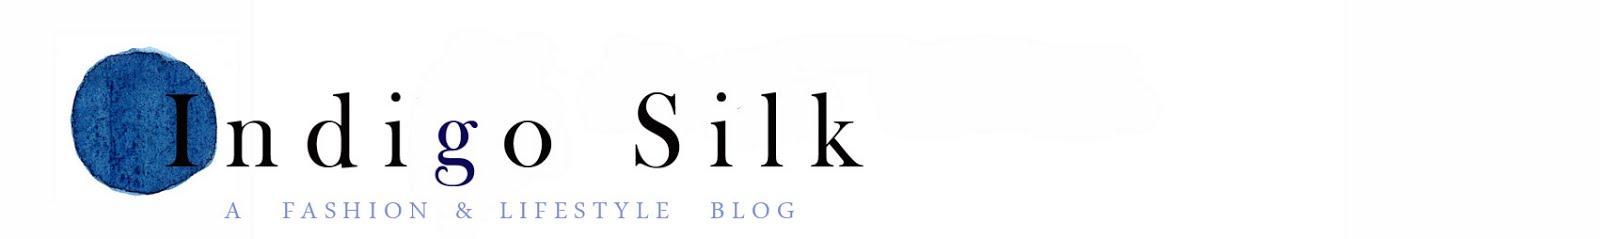 Indigo Silk